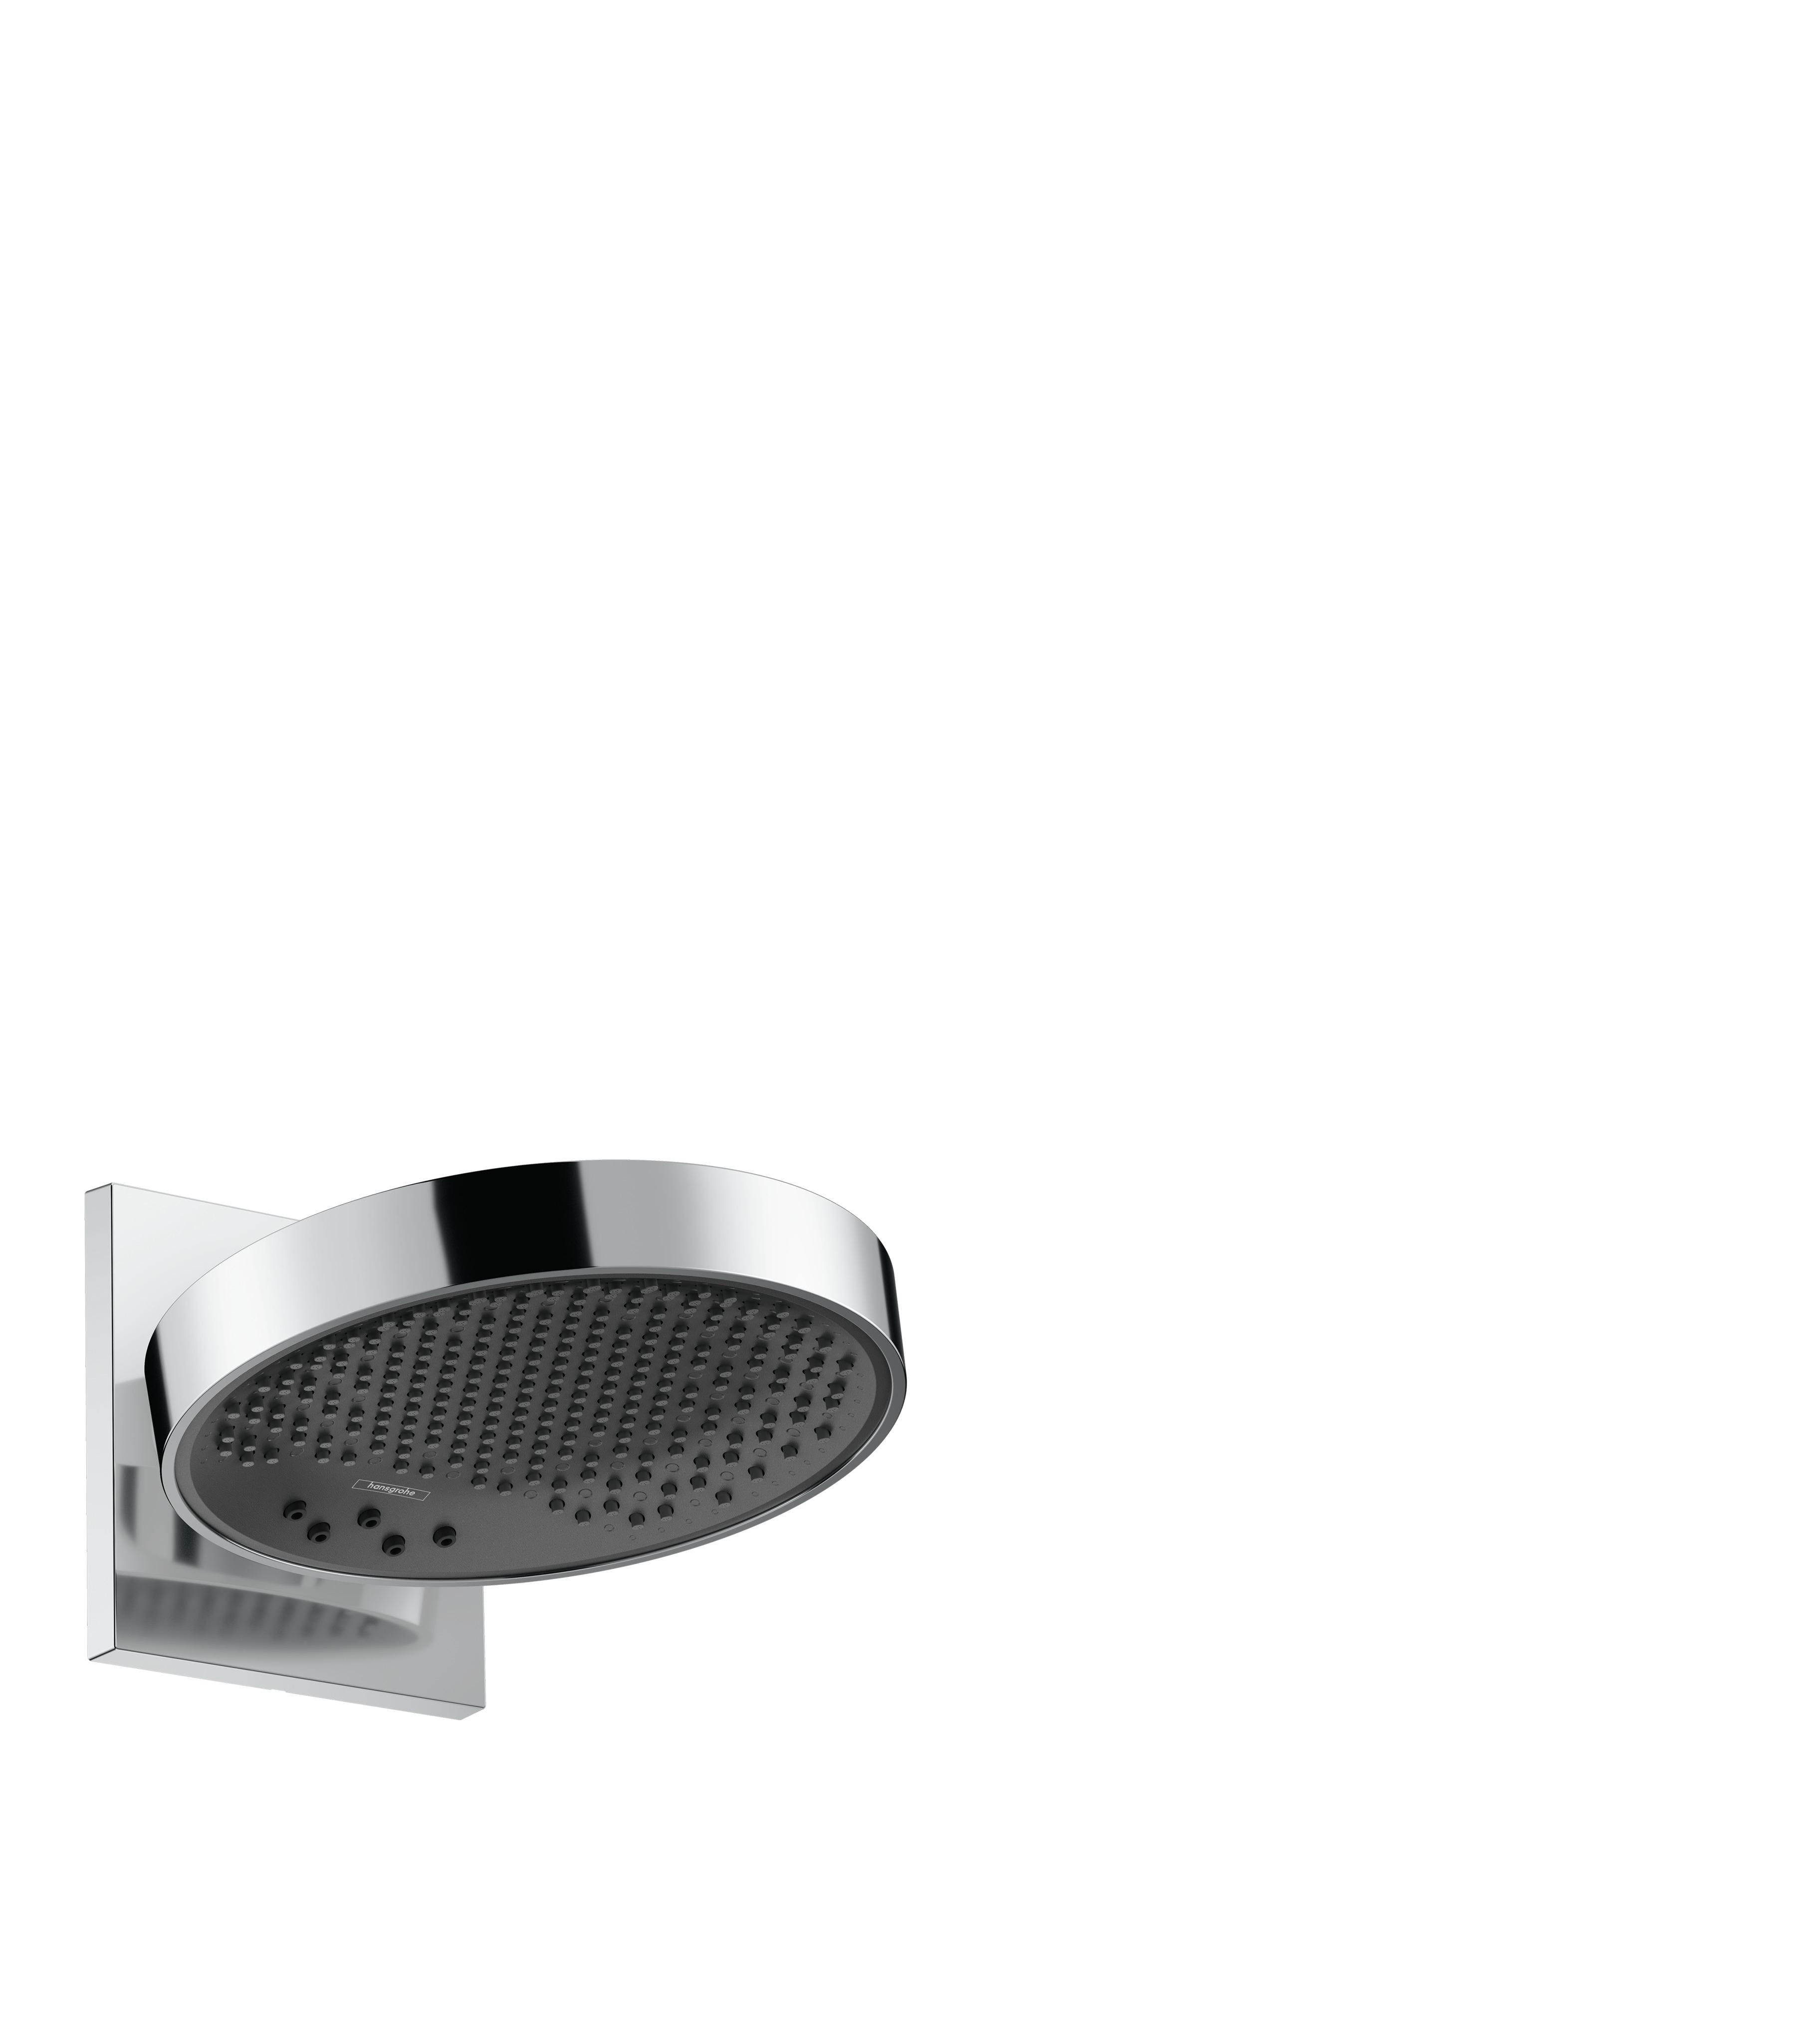 Верхний душ hansgrohe Rainfinity 250 3jet EcoSmart 9 л/мин с настенным разъемом 26233000 верхний душ hansgrohe rainfinity 360 1jet с настенным разъемом 26230000